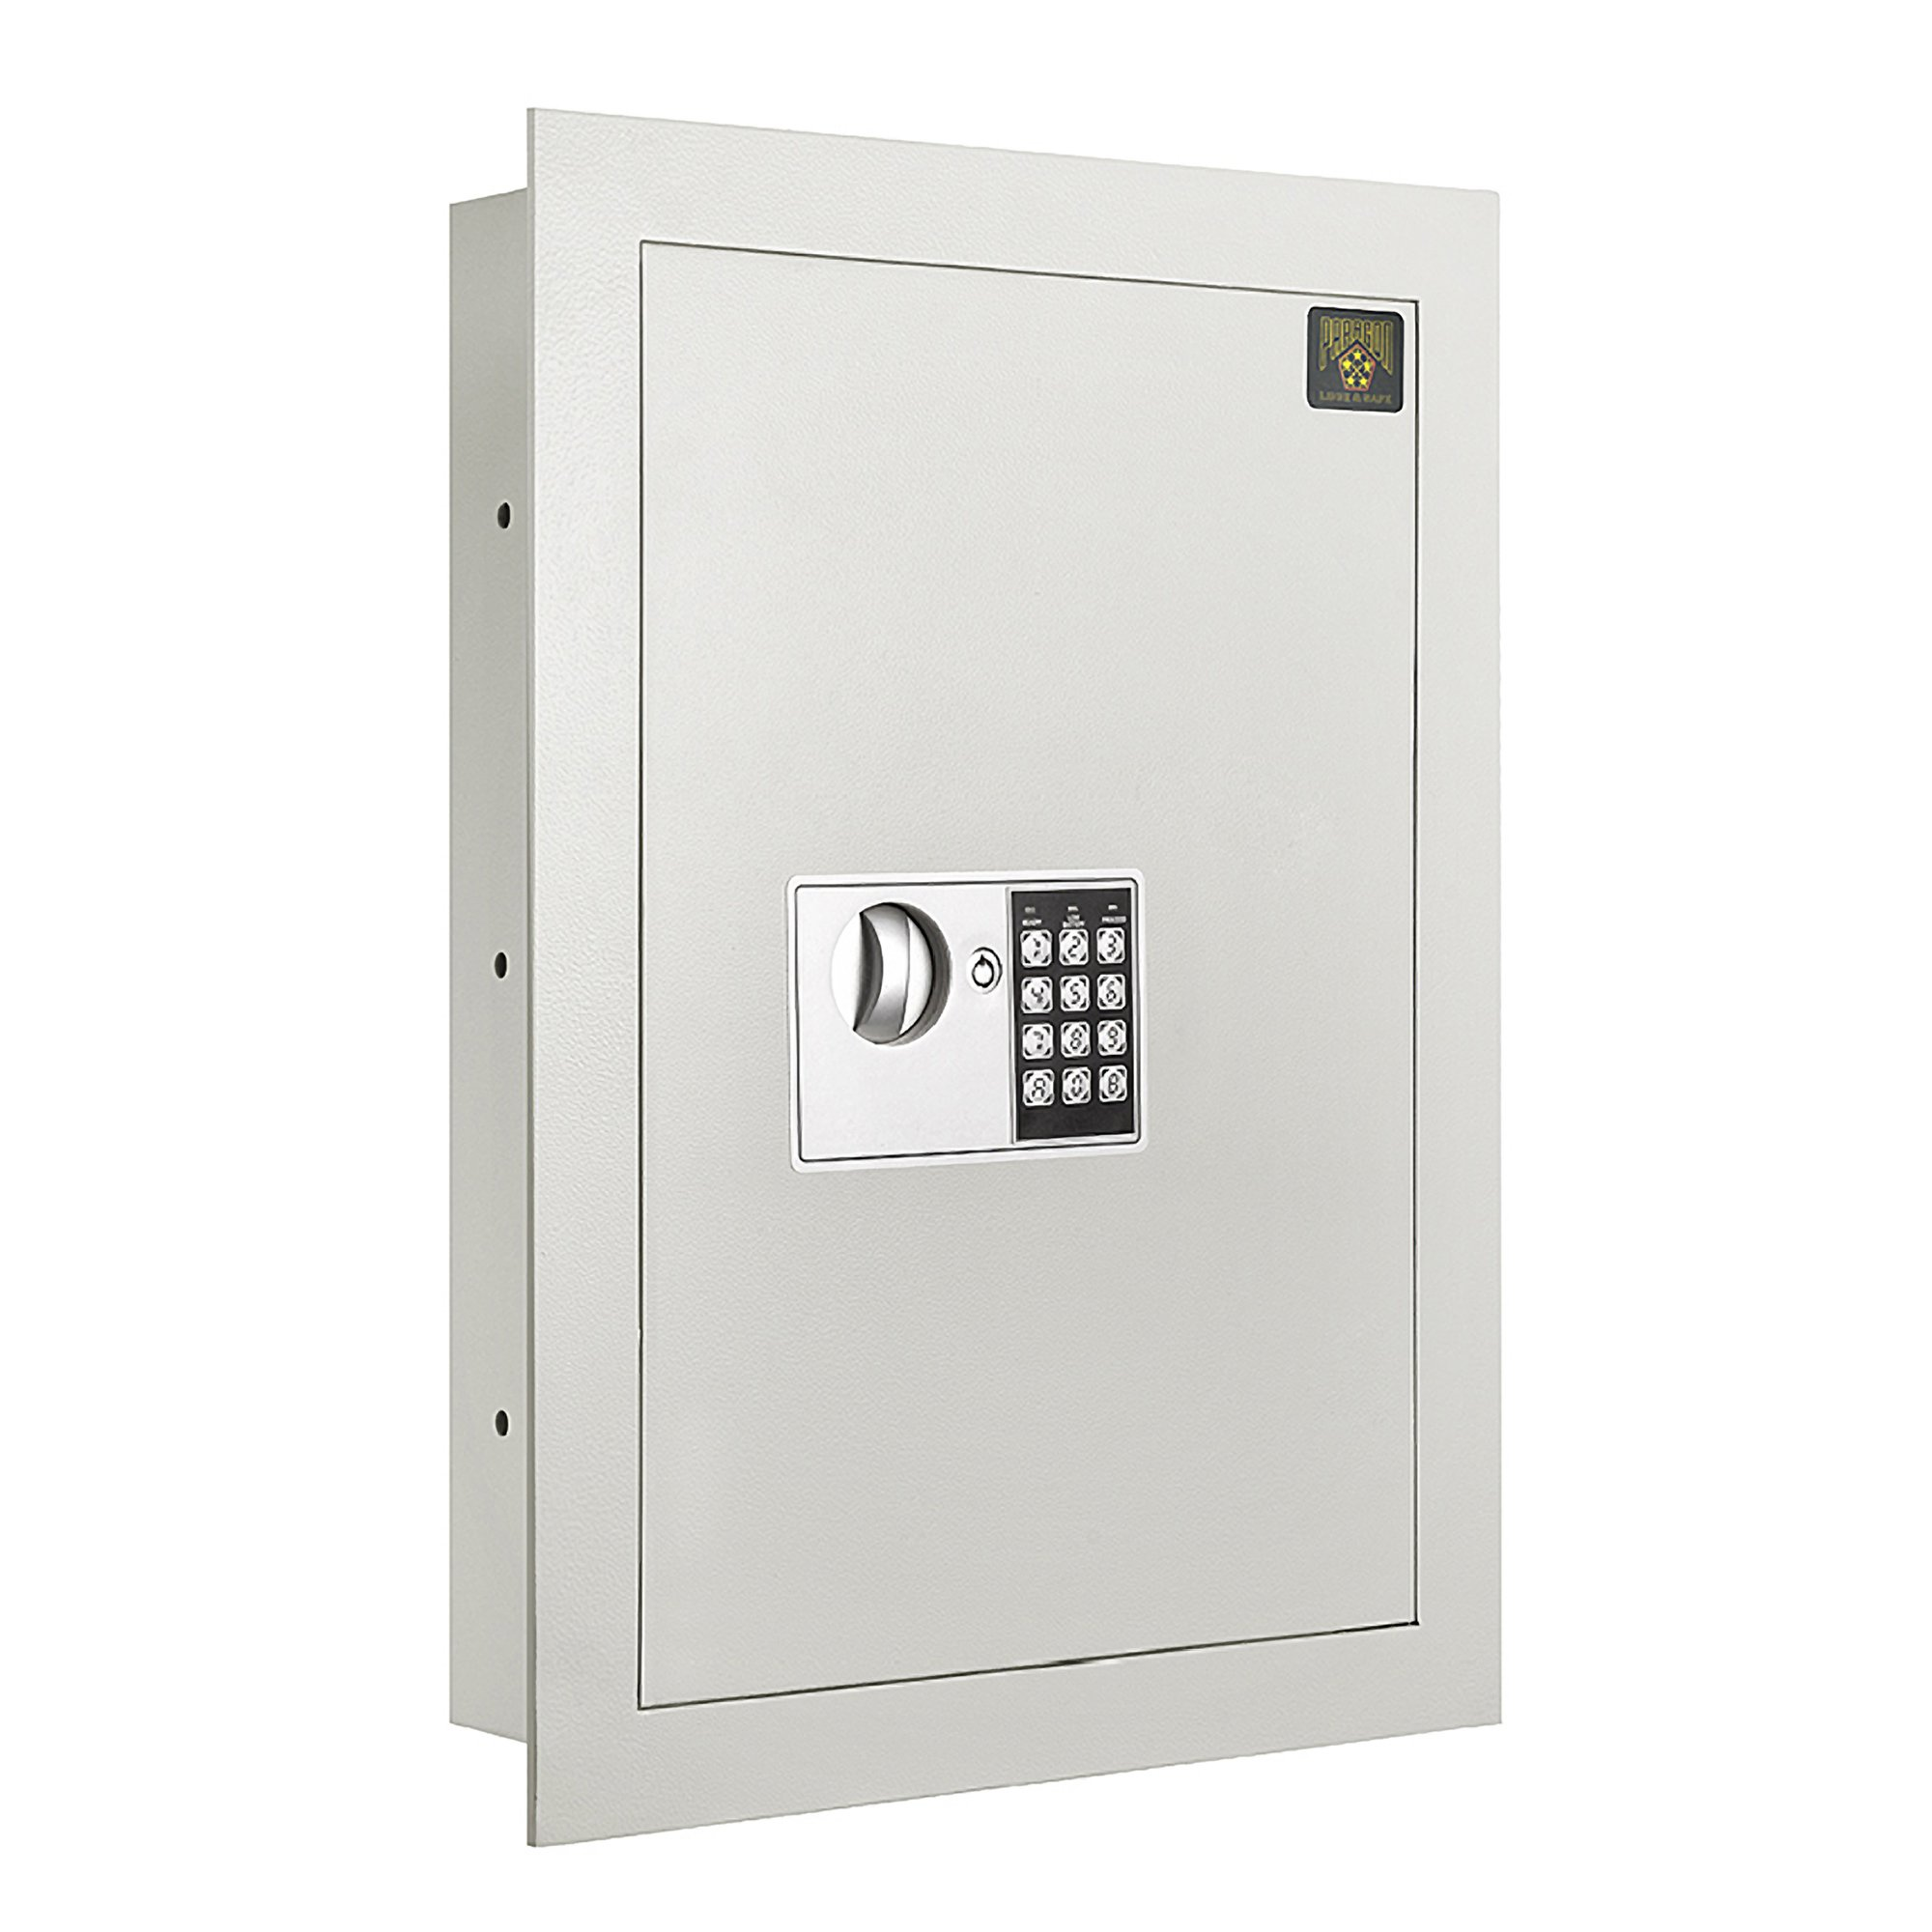 7700 Wall Safe Security Paragon Lock